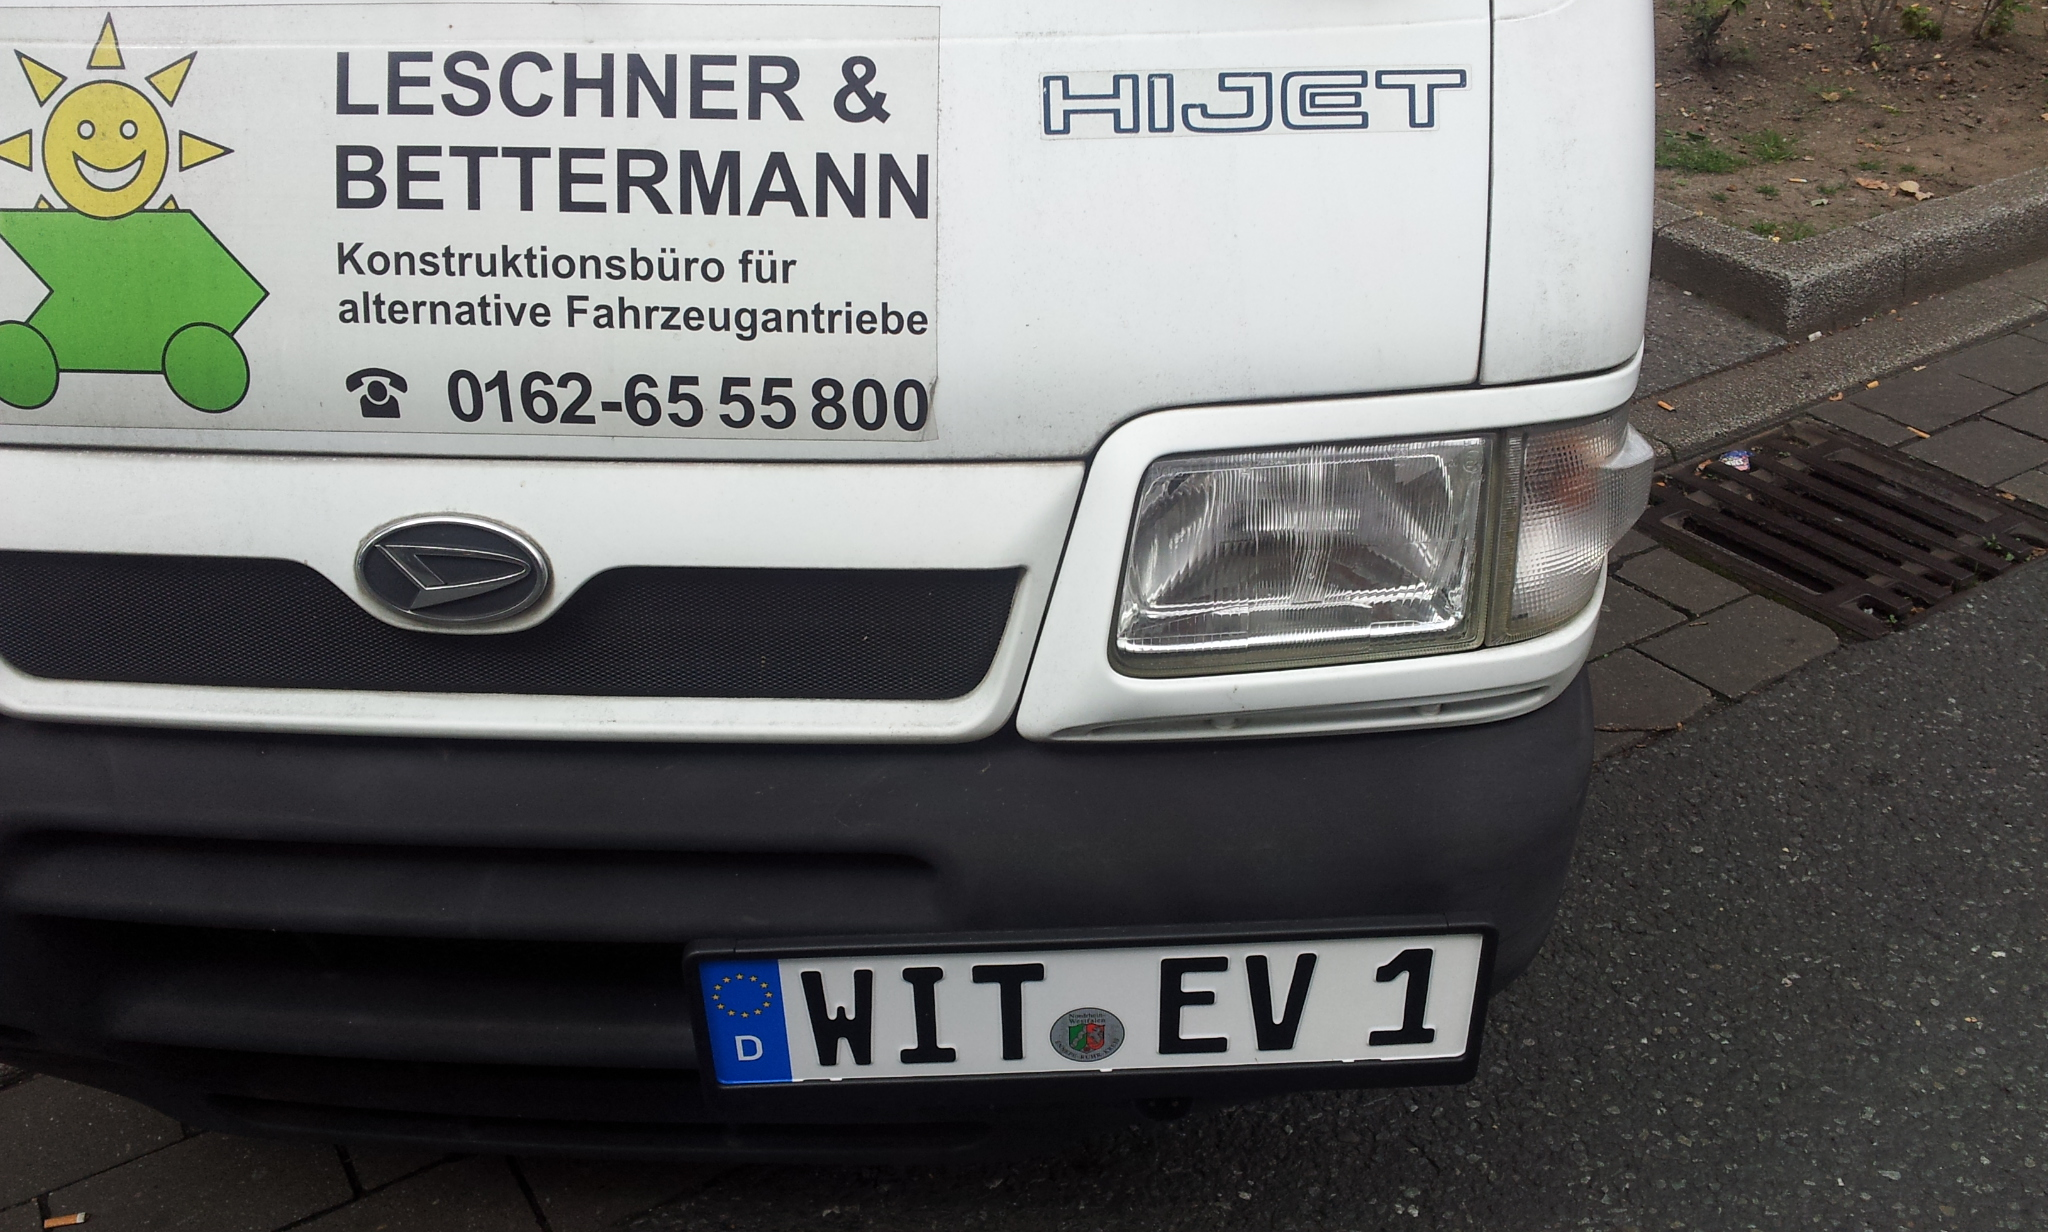 Henning, Ralf und Joscha zeigten ihre Lade-Hardware, zum Schmunzeln regte Hennings neues Kennzeichen für den Auftritt in Witten an.Witten